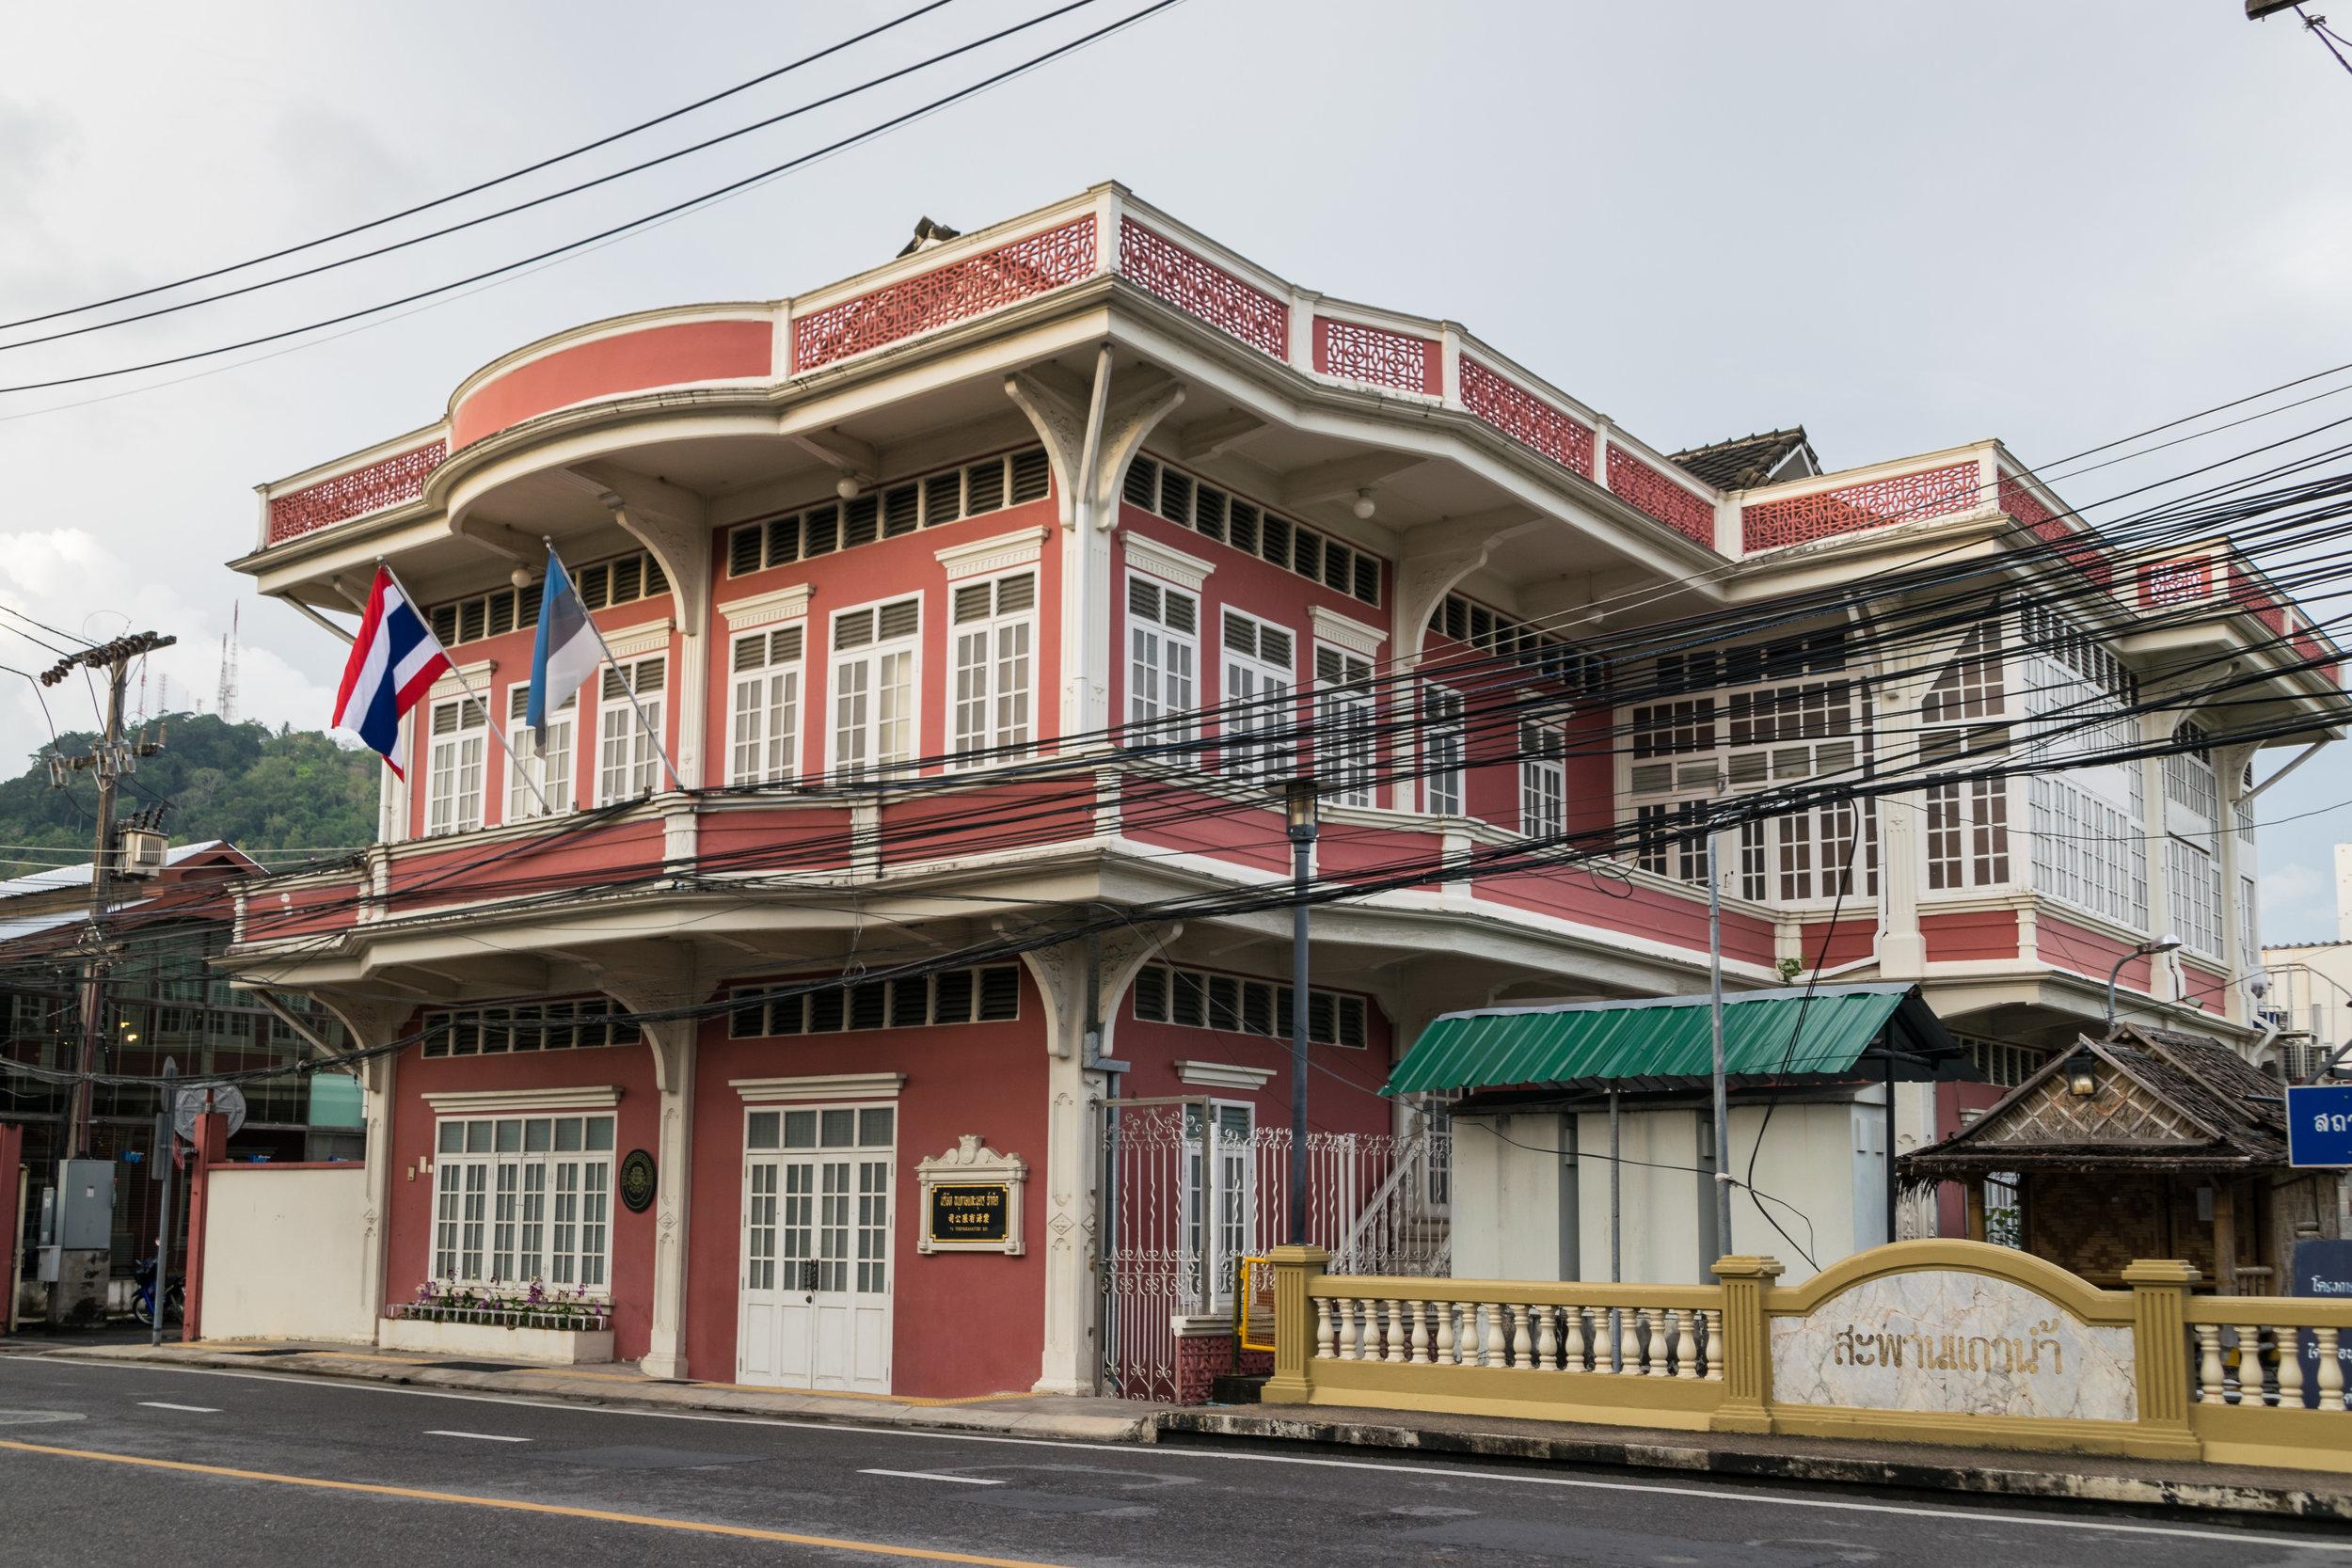 Phuket Old Town buildings-16.jpg